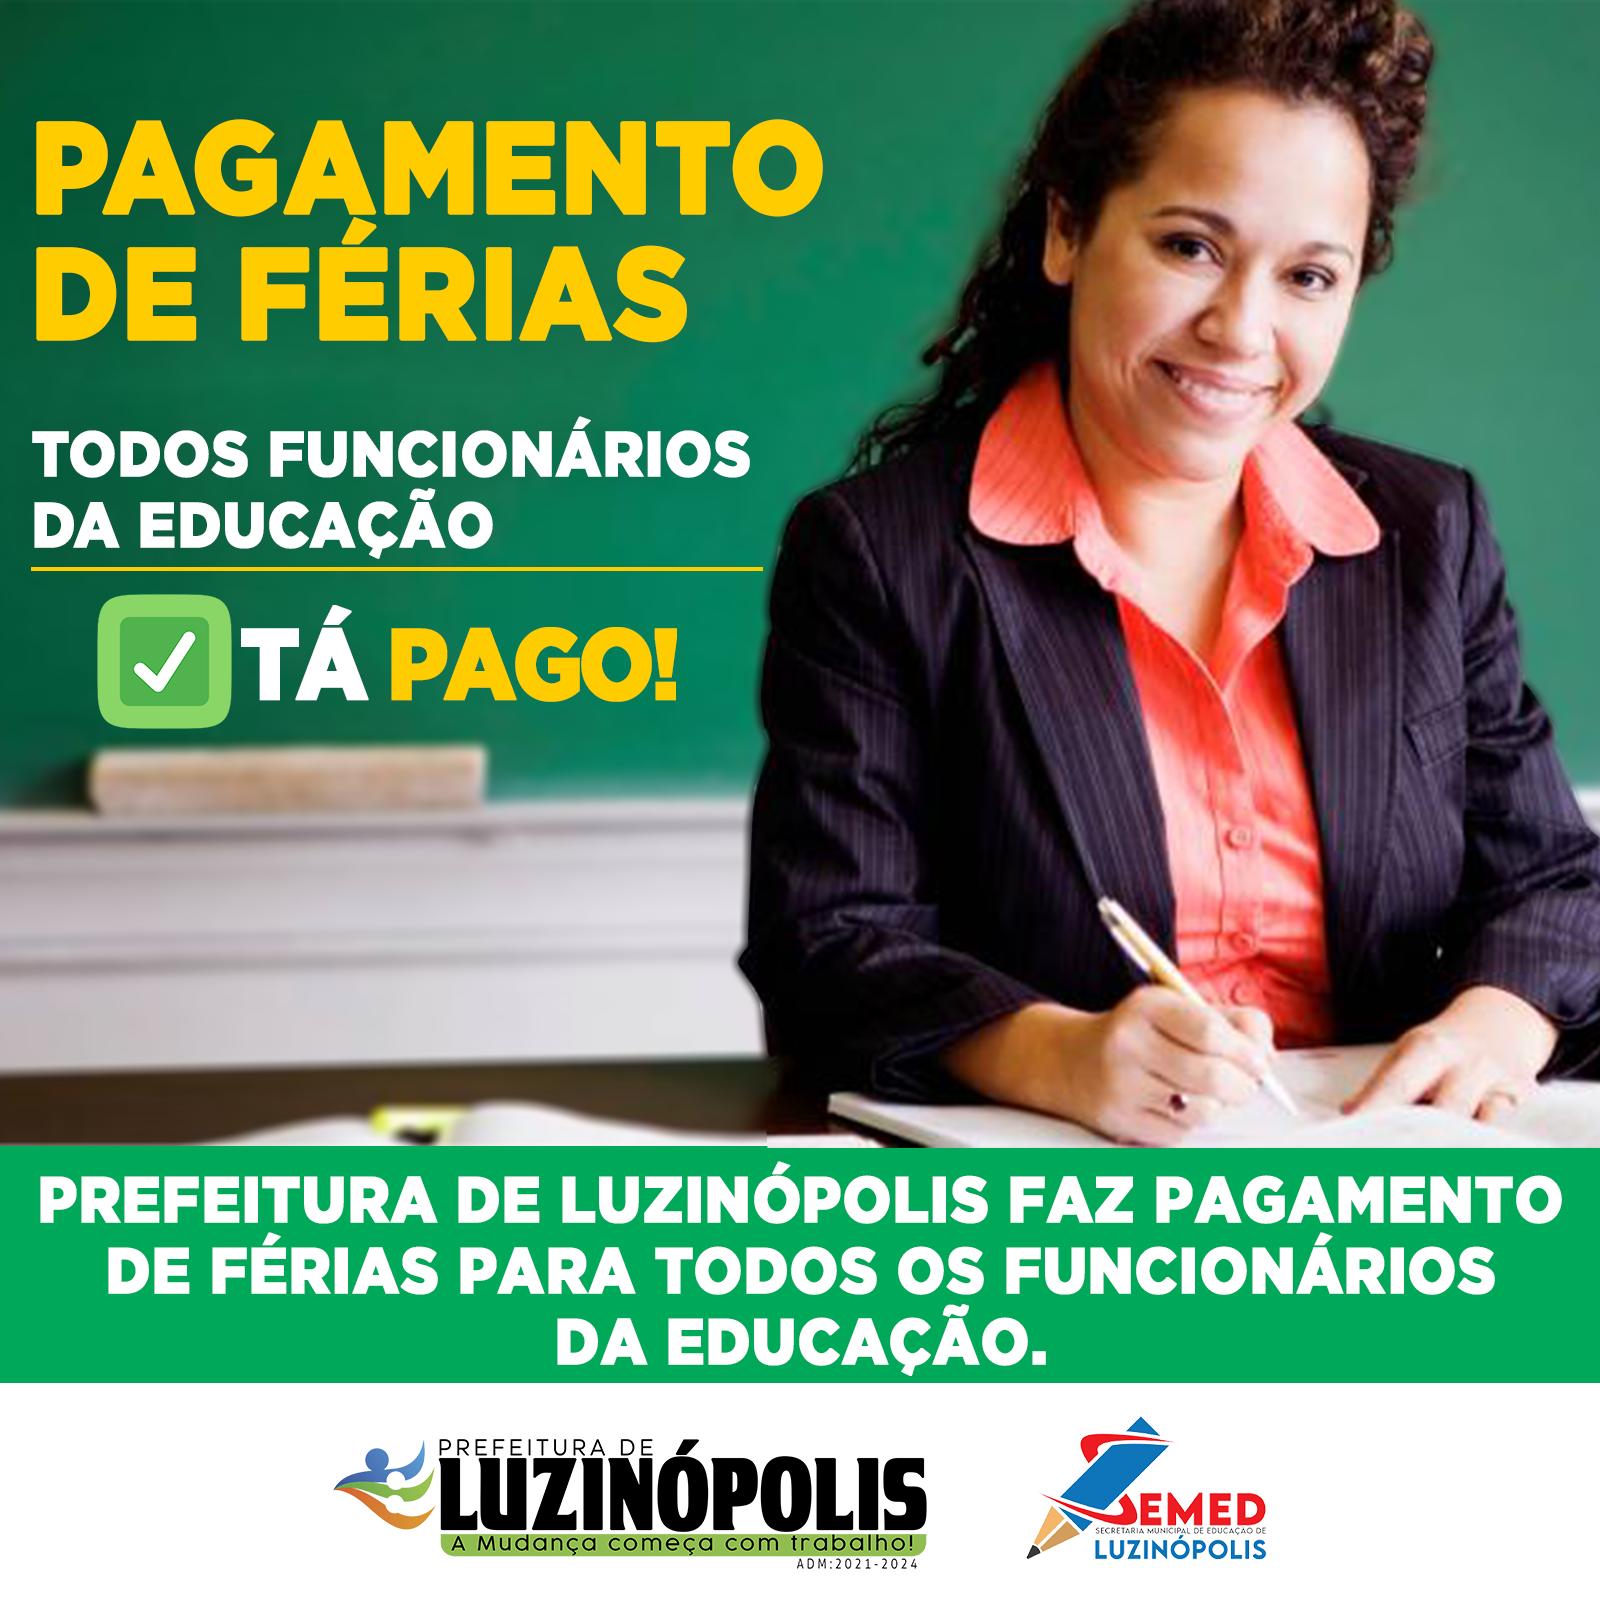 PAGAMENTO DE FÉRIAS PARA TODOS OS FUNCIONÁRIOS DA EDUCAÇÃO